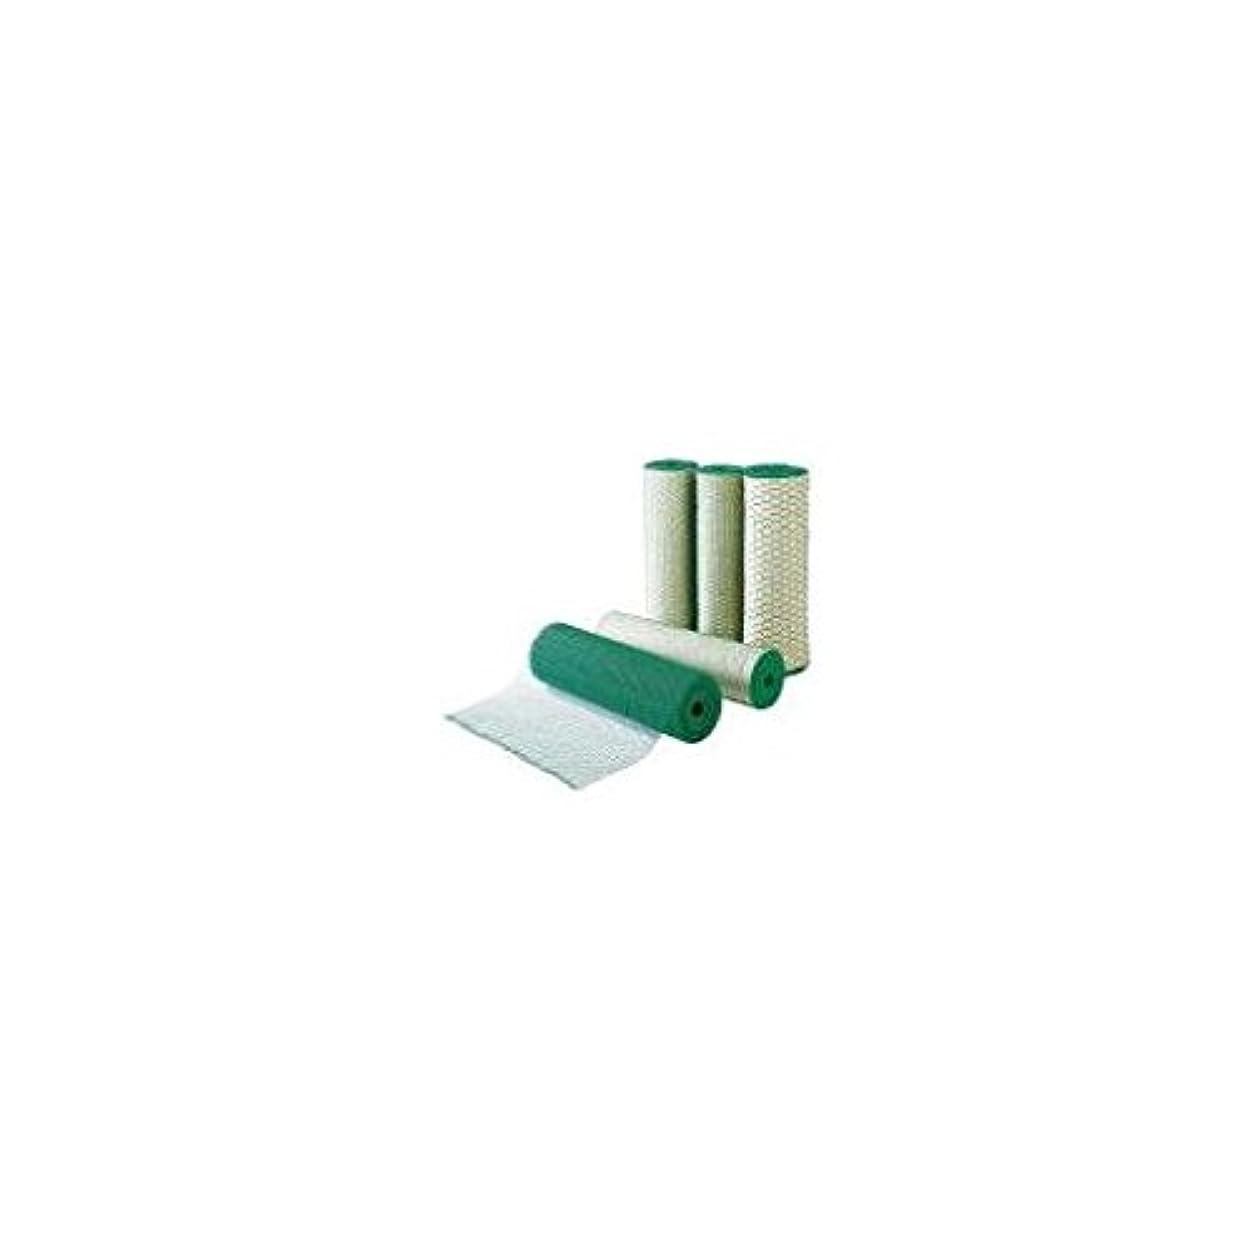 紛争ソファーシビックCL25186 ビニール亀甲金網線径1.2φ×目20×10m巻